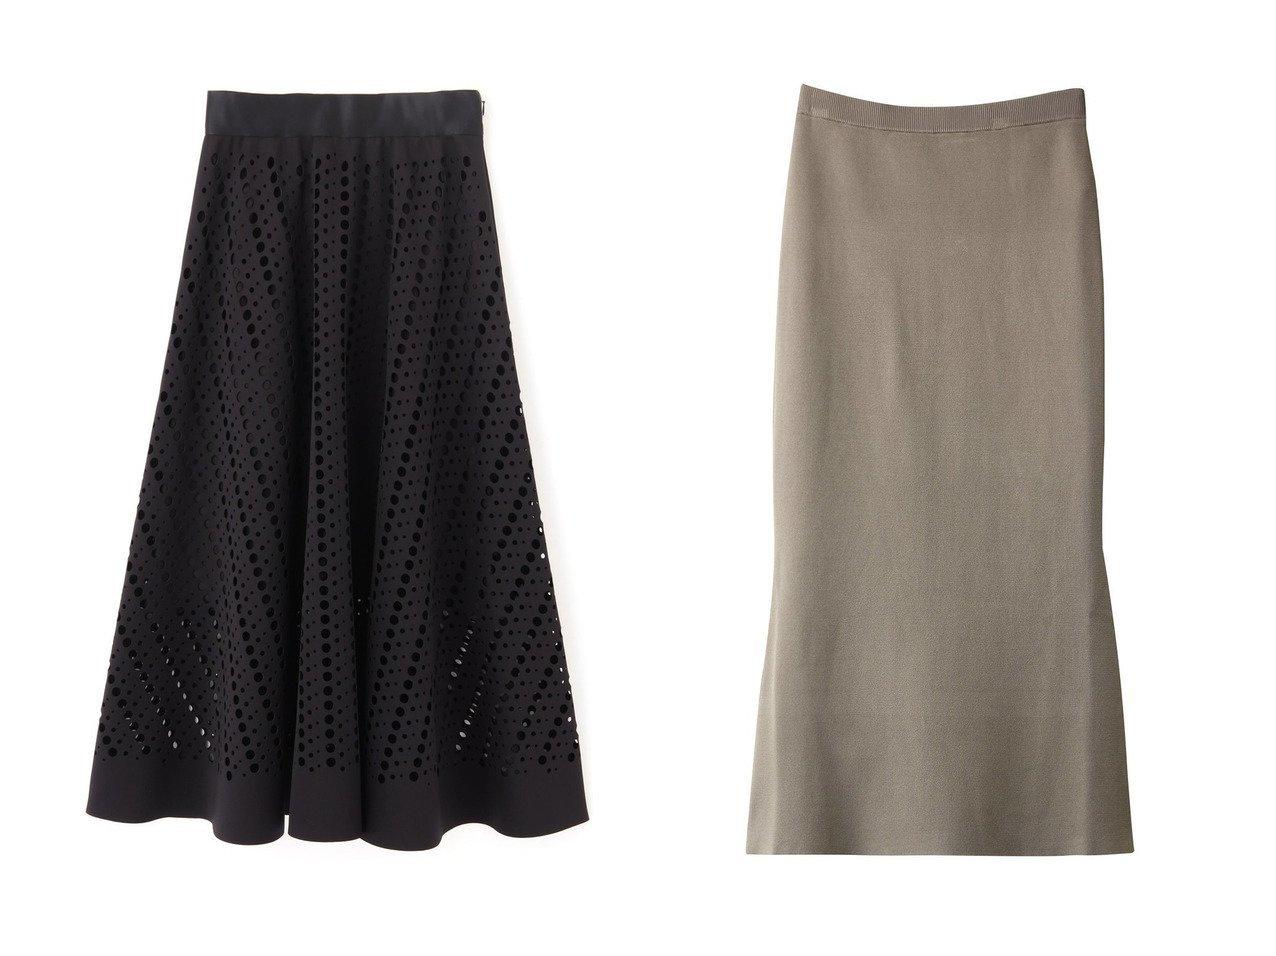 【LE PHIL/ル フィル】のドットパンチングスカート&【Whim Gazette/ウィムガゼット】のミラノリブフレアスカート スカートのおすすめ!人気、トレンド・レディースファッションの通販  おすすめで人気の流行・トレンド、ファッションの通販商品 メンズファッション・キッズファッション・インテリア・家具・レディースファッション・服の通販 founy(ファニー) https://founy.com/ ファッション Fashion レディースファッション WOMEN スカート Skirt ロングスカート Long Skirt Aライン/フレアスカート Flared A-Line Skirts 2020年 2020 2020-2021 秋冬 A/W AW Autumn/Winter / FW Fall-Winter 2020-2021 2021年 2021 2021 春夏 S/S SS Spring/Summer 2021 サテン セットアップ ロング 春 A/W 秋冬 AW Autumn/Winter / FW Fall-Winter |ID:crp329100000009767